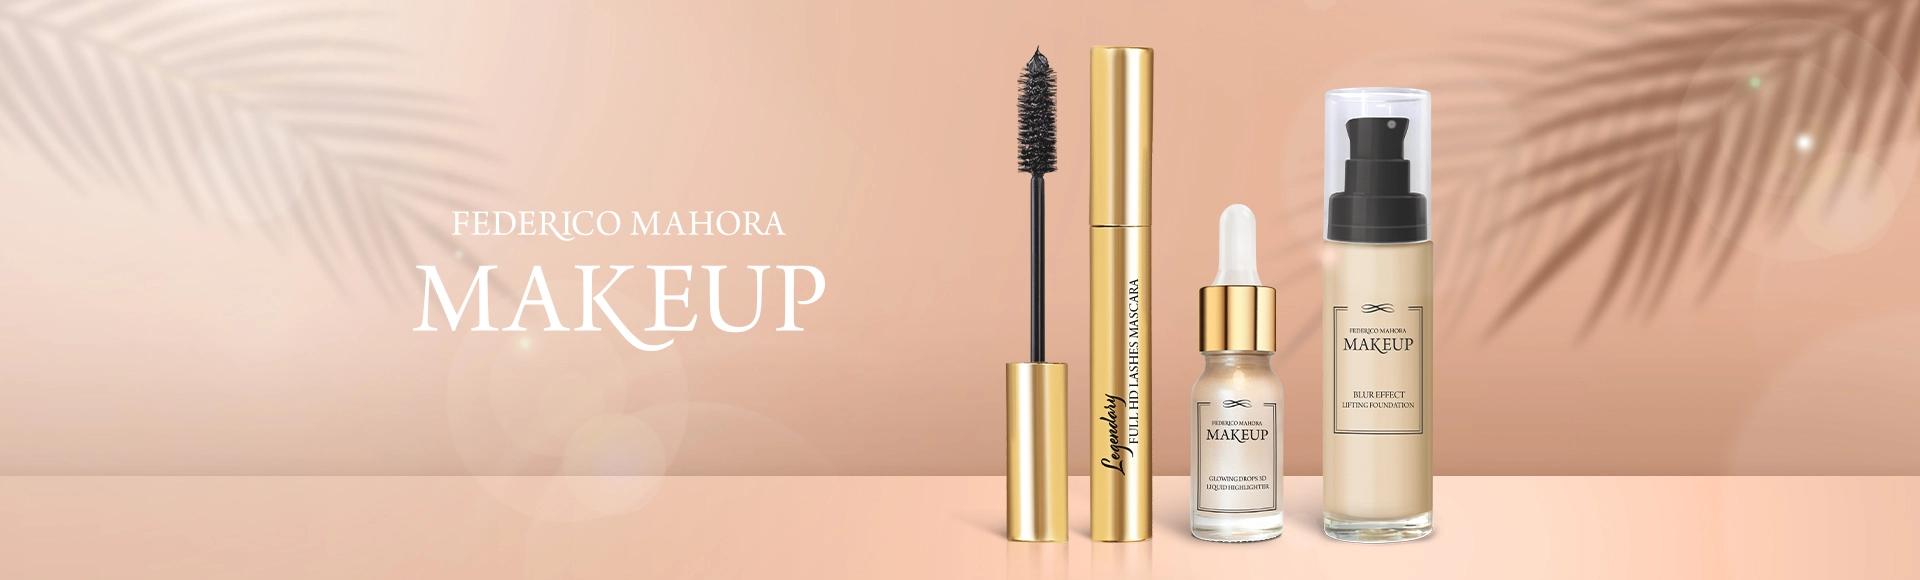 Federico-Mahora-Make-Up